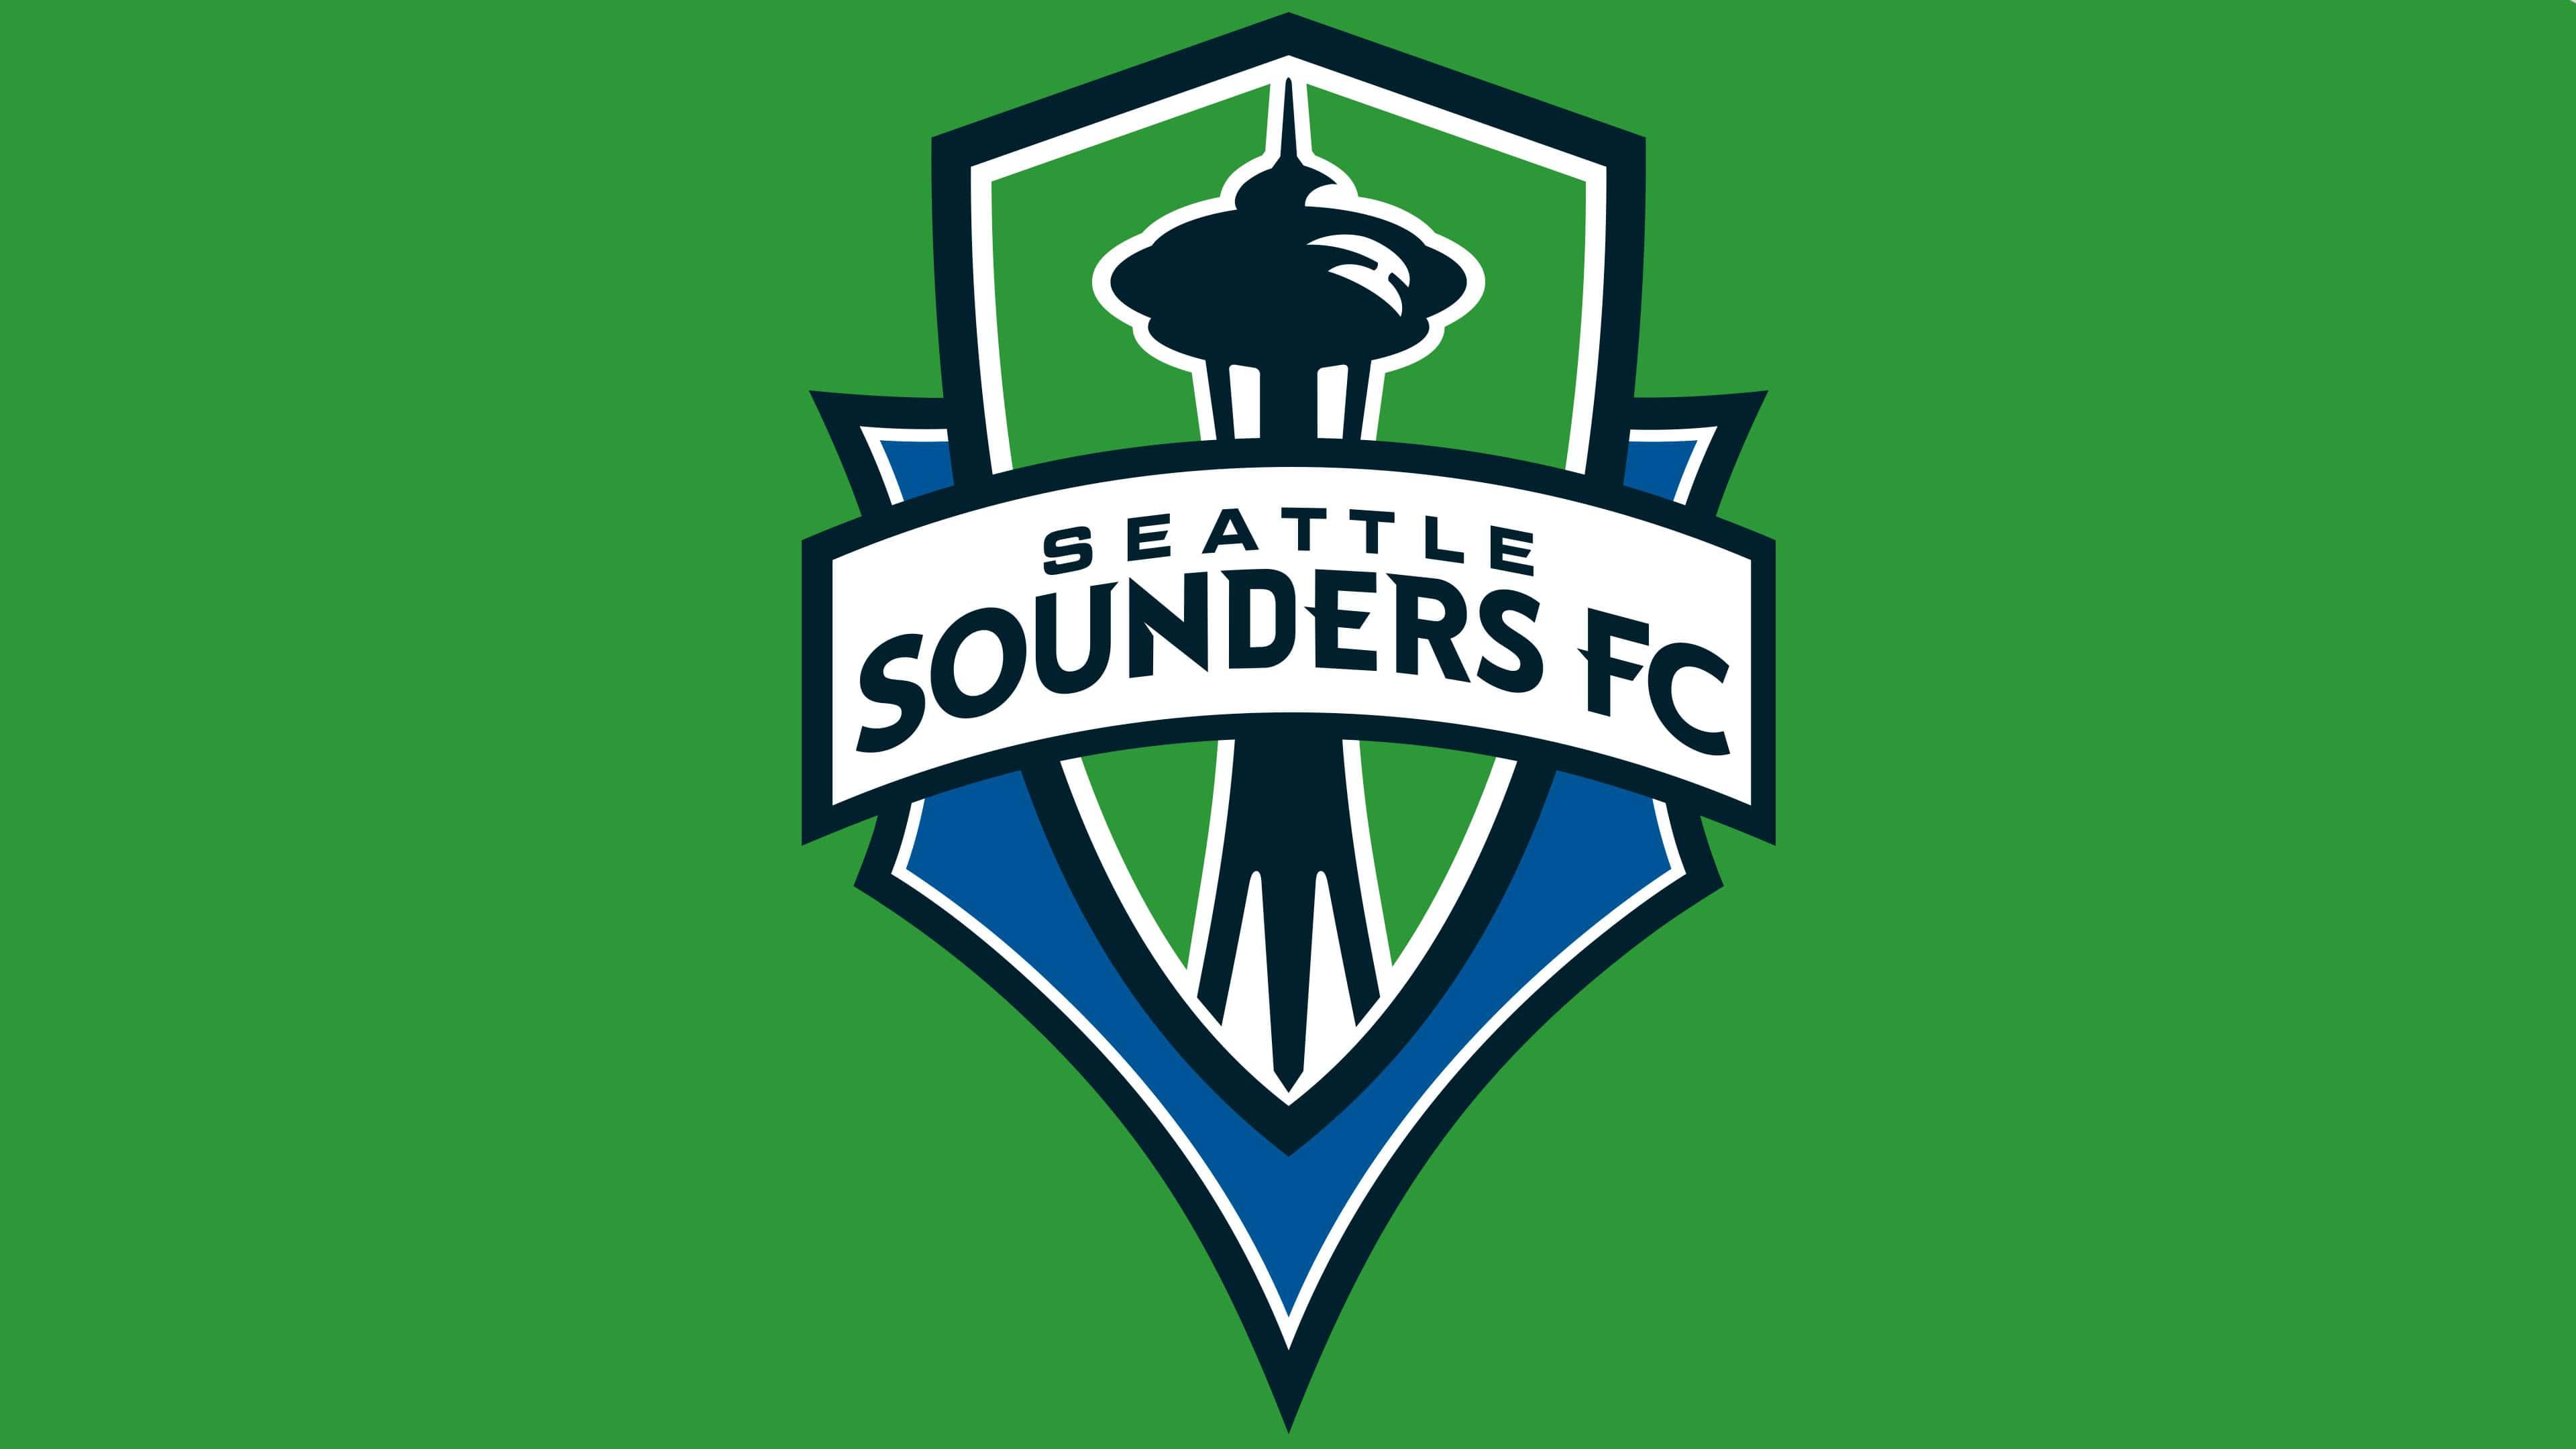 T&T midfielder Joevin Jones rejoined the MLS club Seattle Sounders in May 2019.